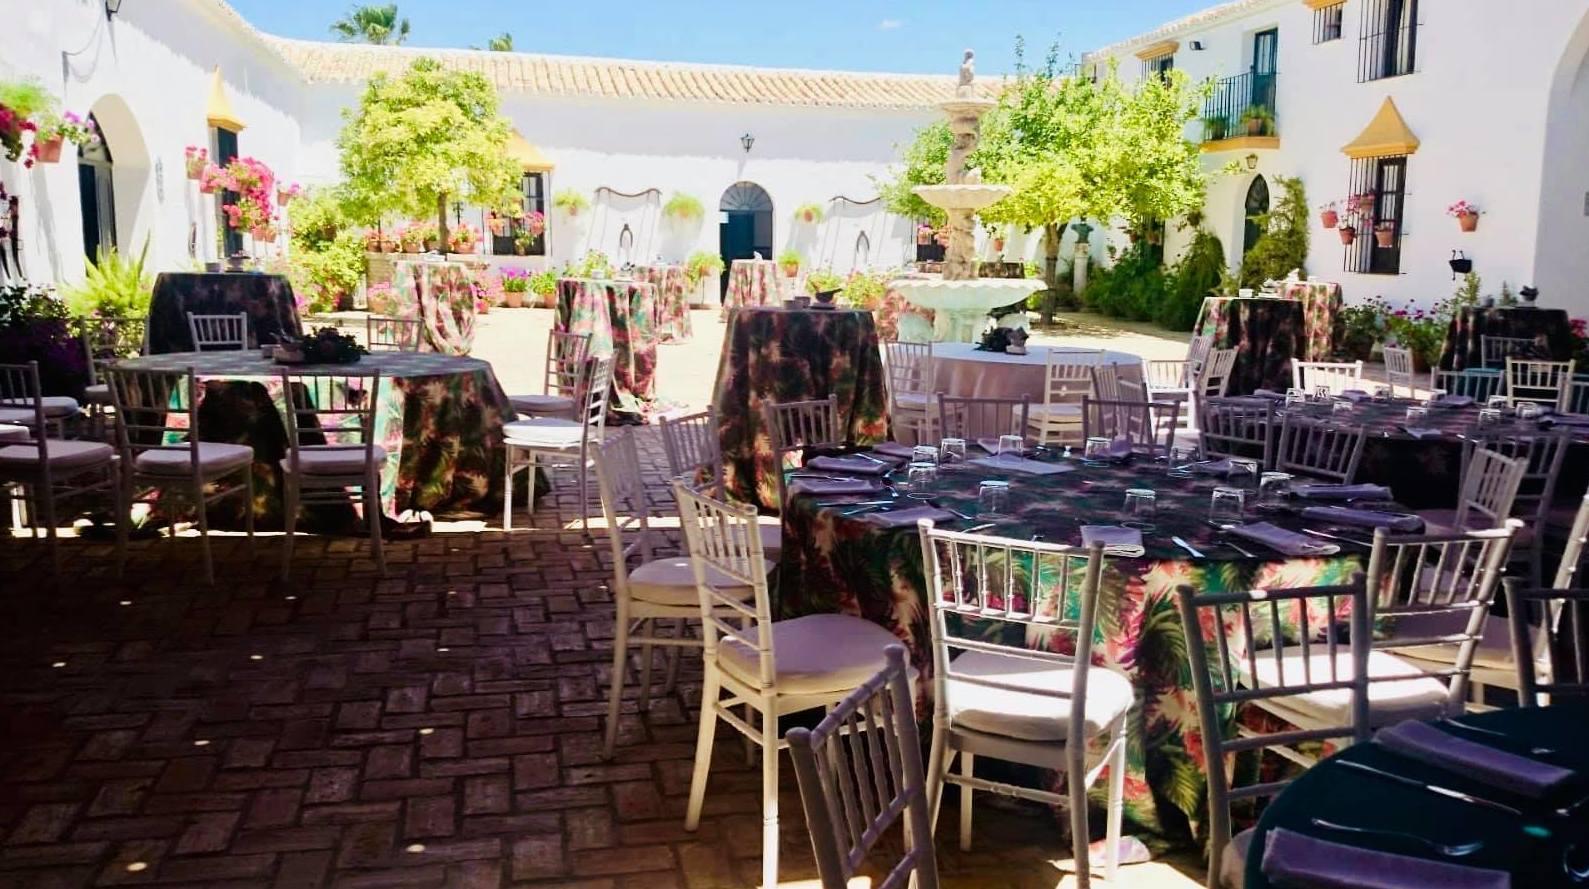 Foto 14 de Celebración de bodas en Alcalá de Guadaíra | Hacienda Mendieta